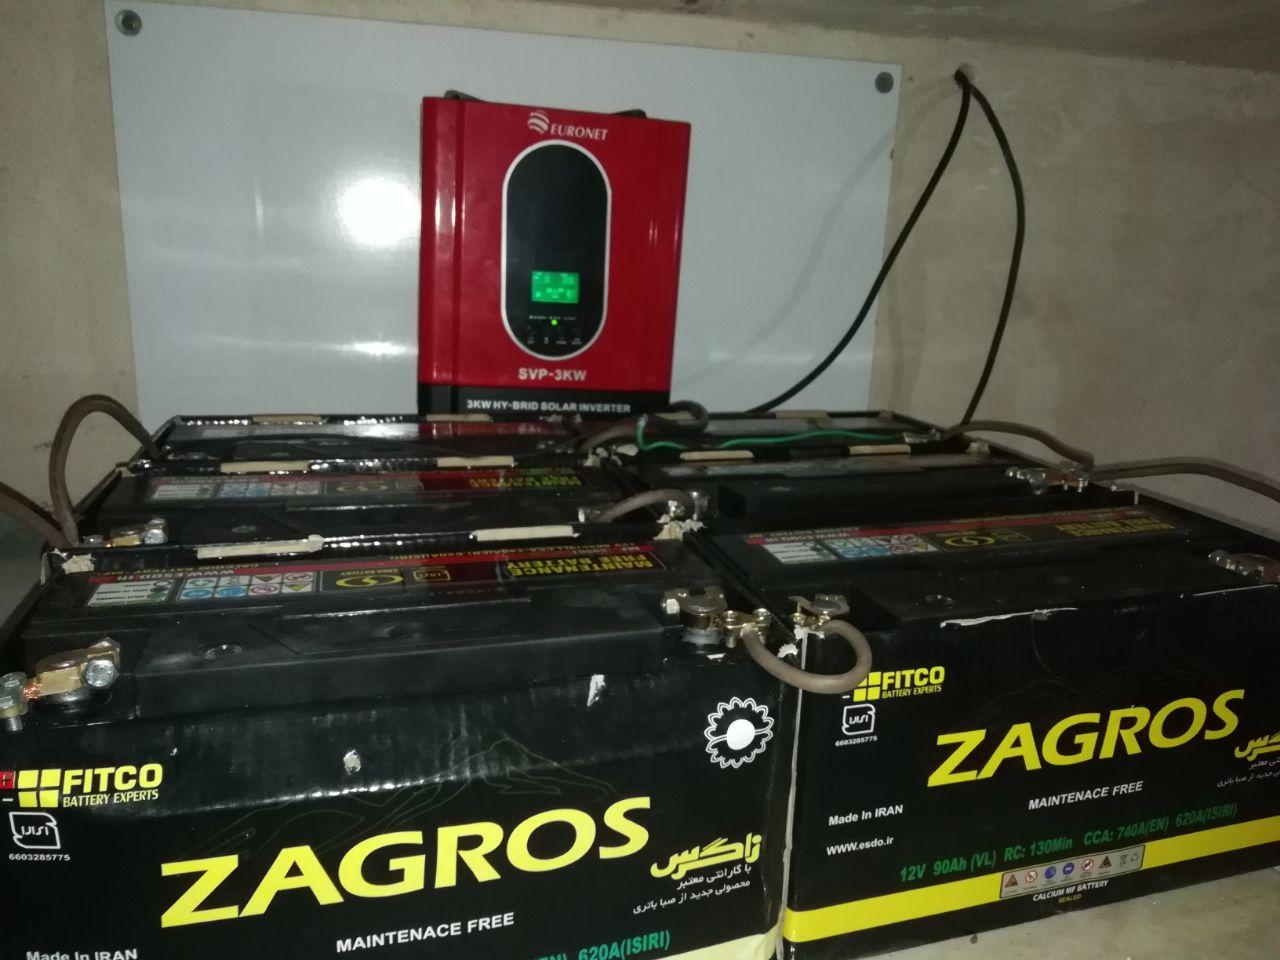 فروش برق خورشیدی مشهد - شماره خرید و مشاوره 09368524133